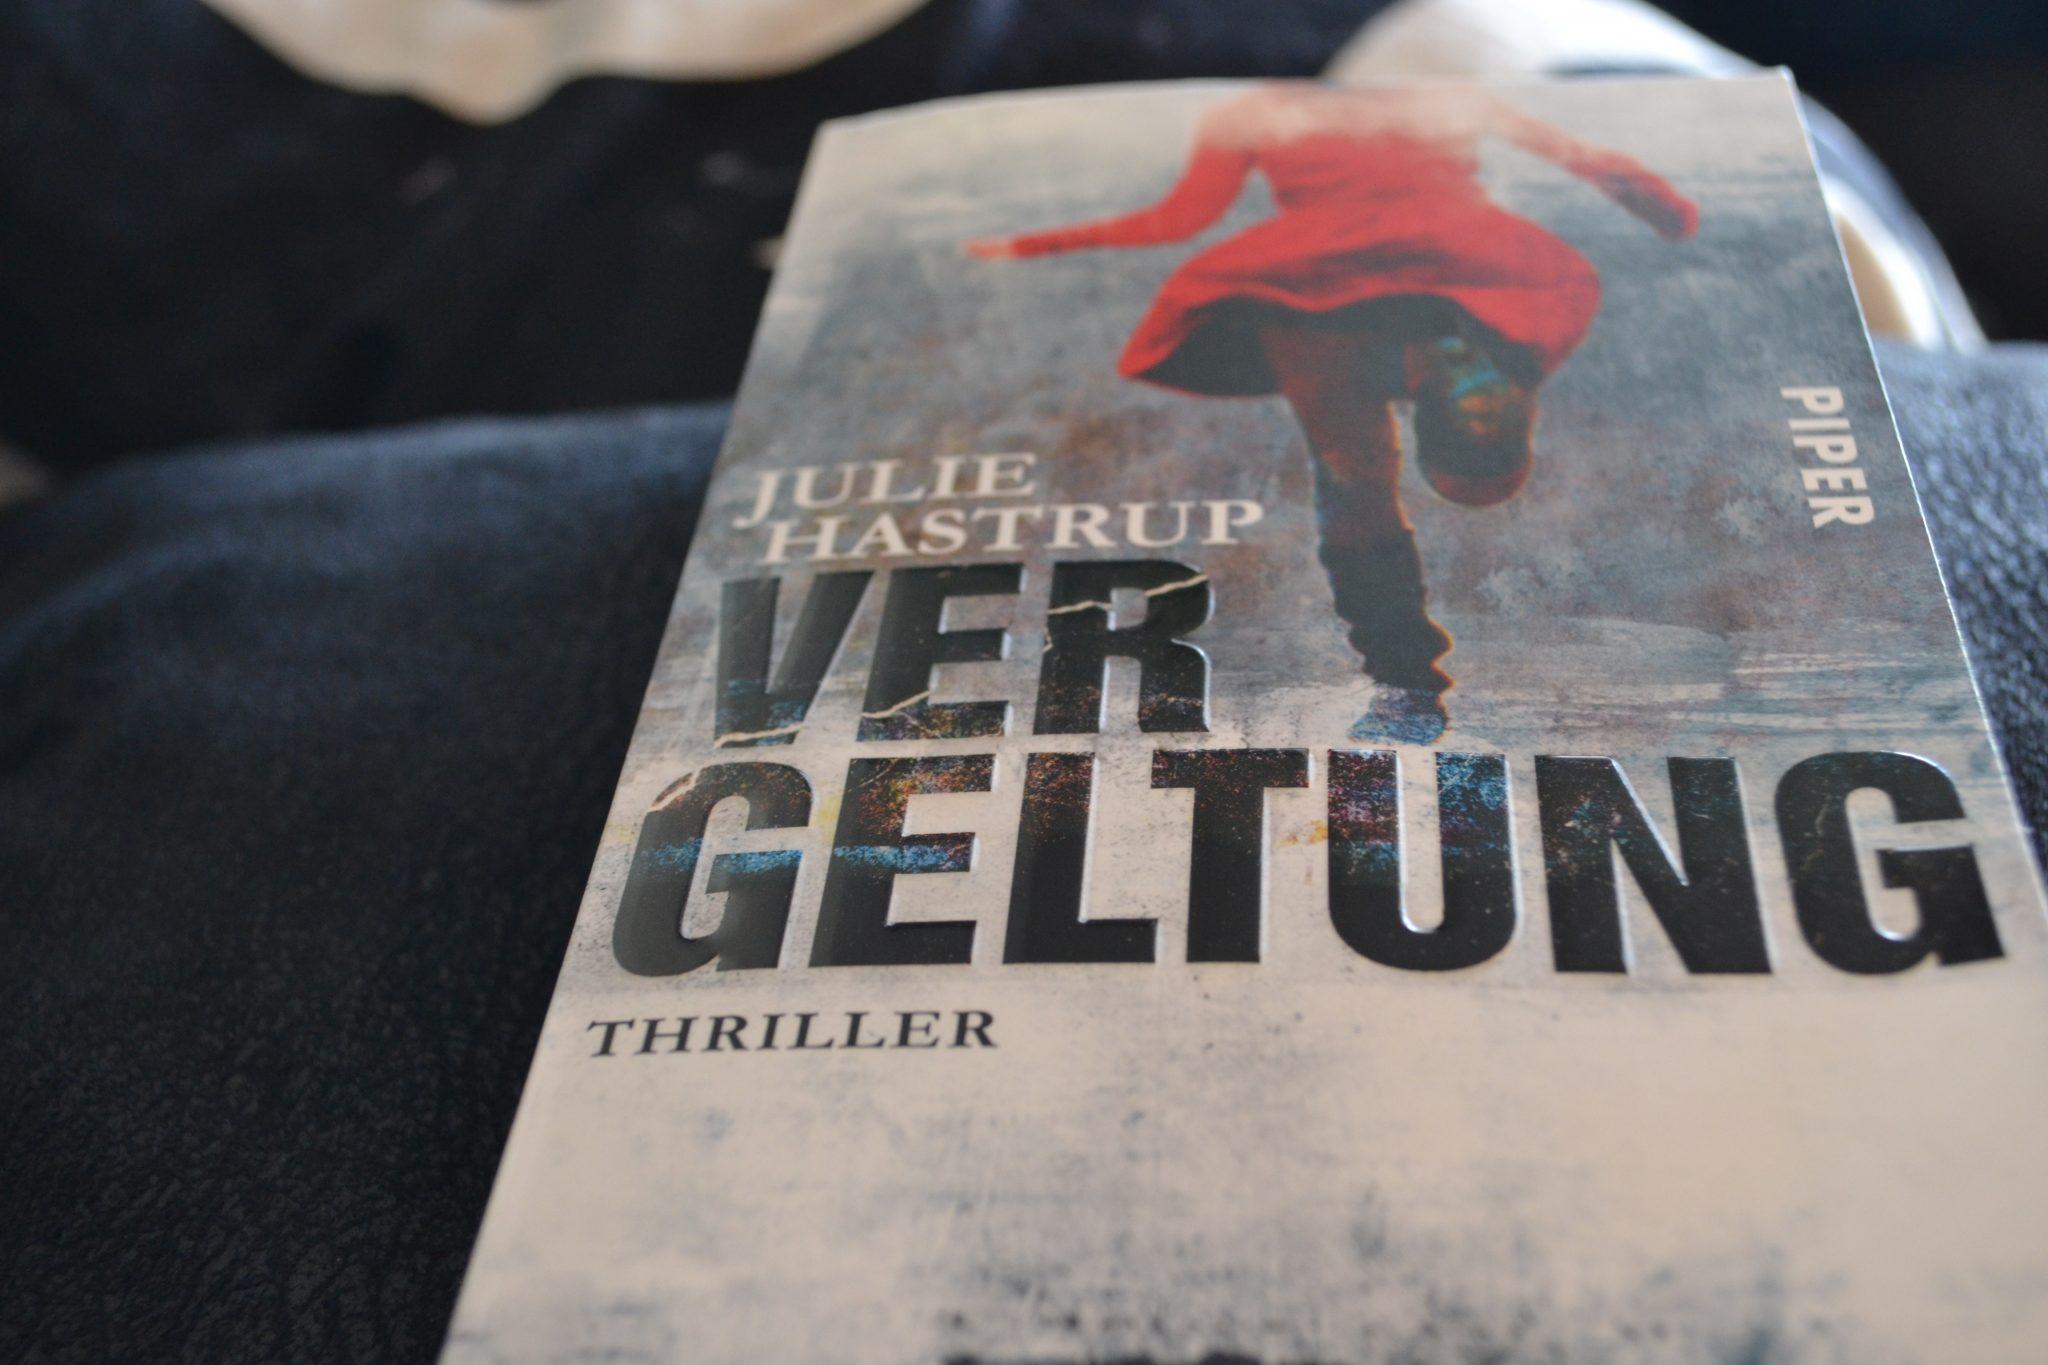 Books: Vergeltung | Julie Hastrup